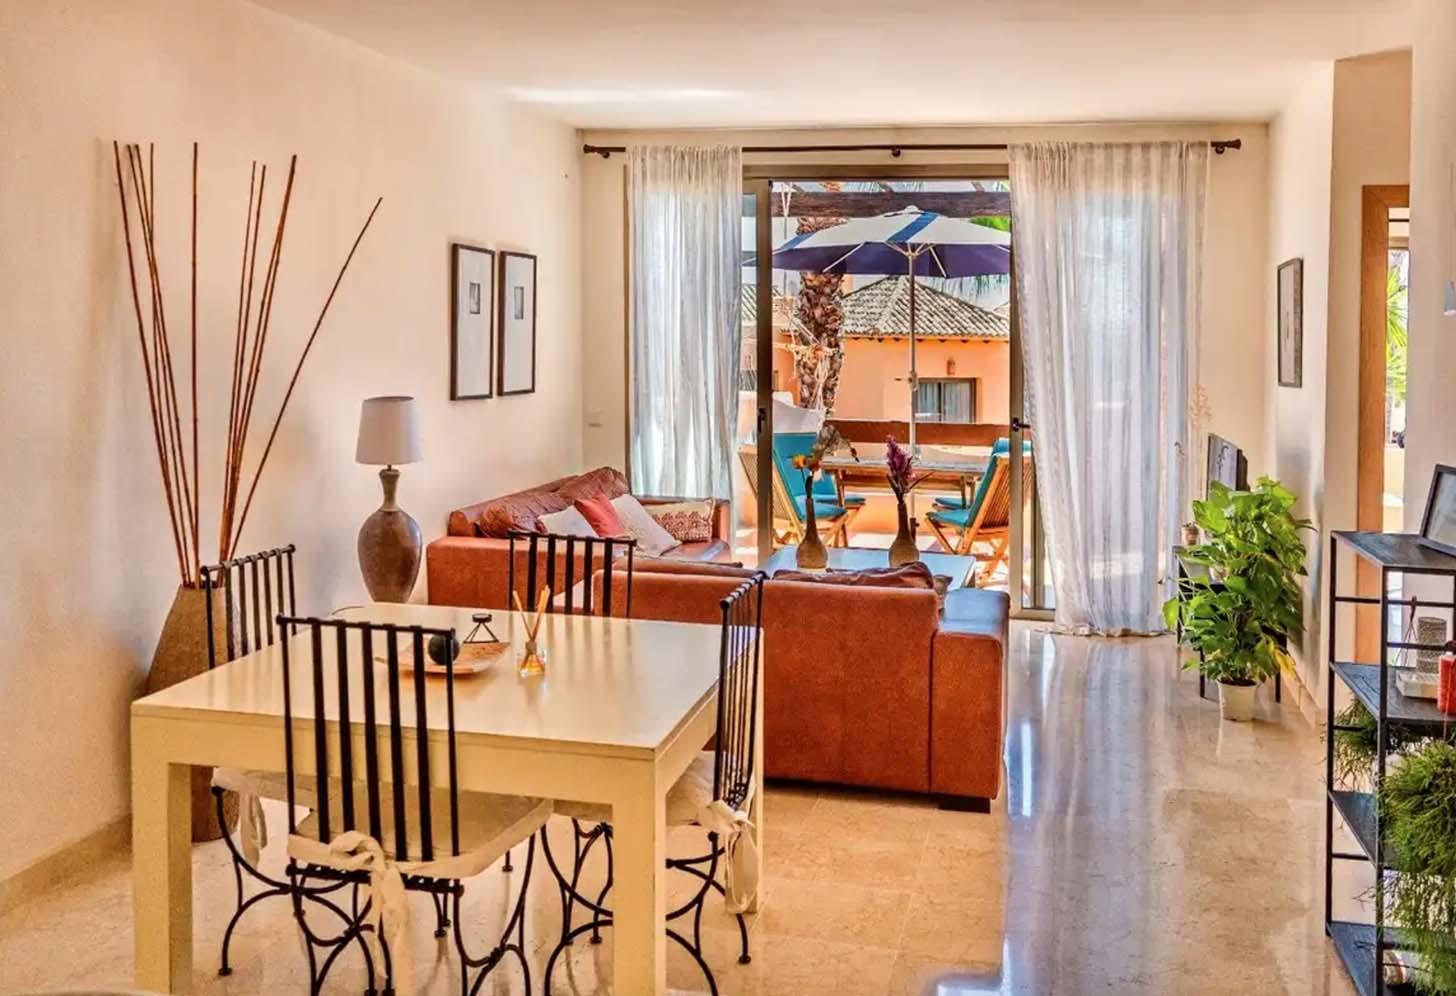 acheter un appartement bel air 007 salon